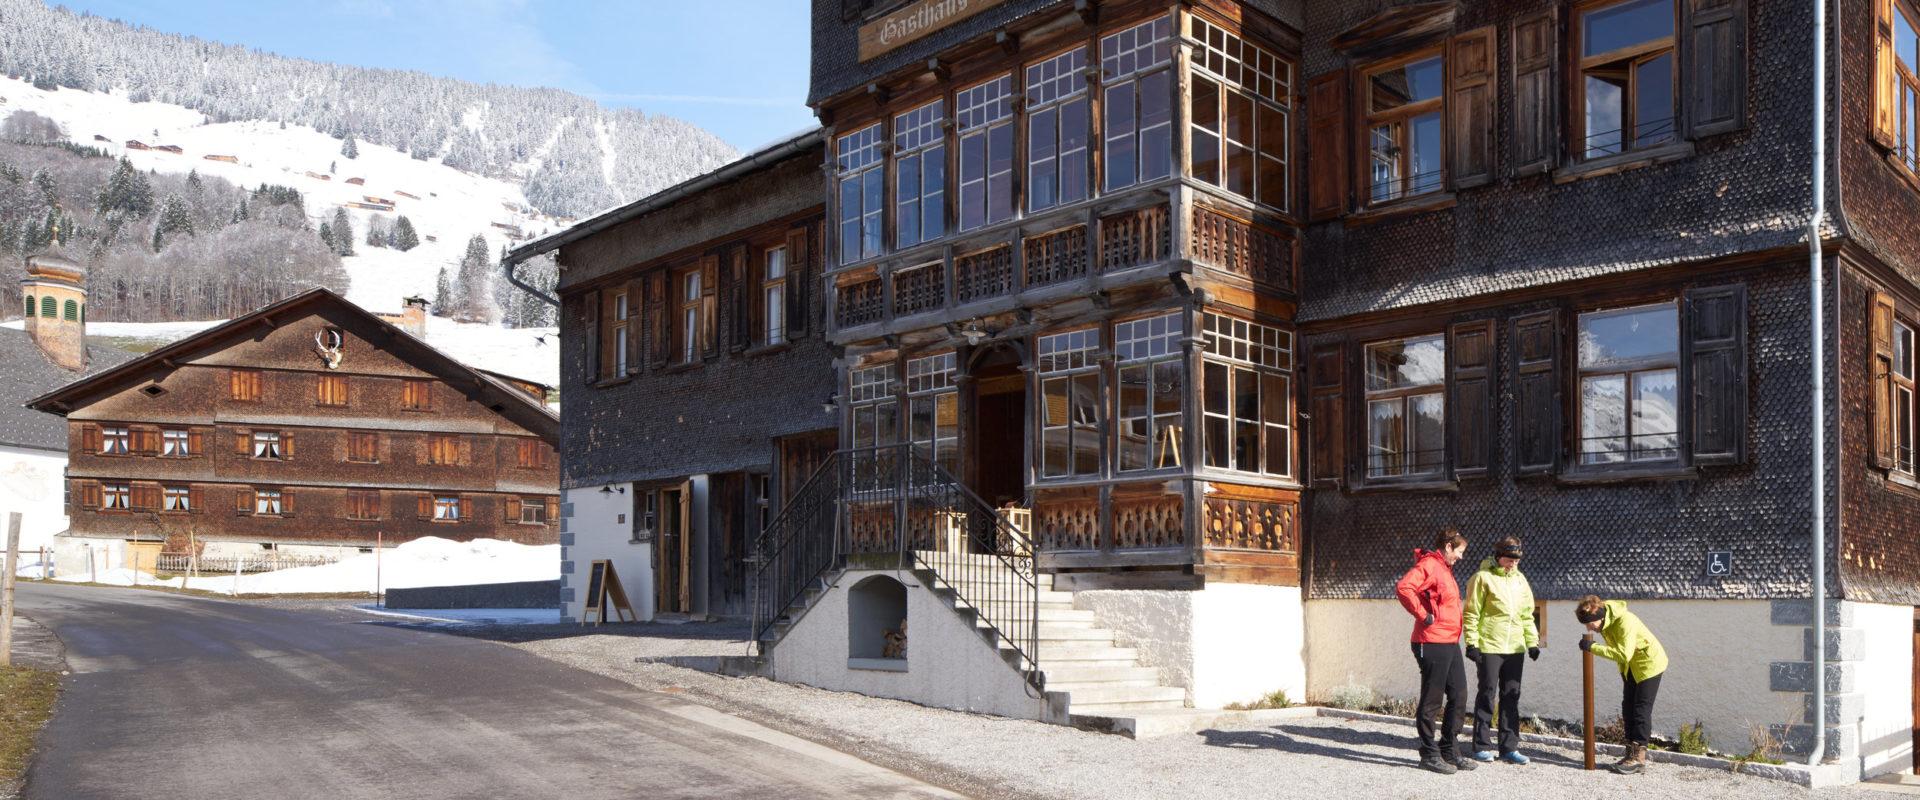 Umgang Bregenzerwald © Adolf Bereuter / Bregenzerwald Tourismus